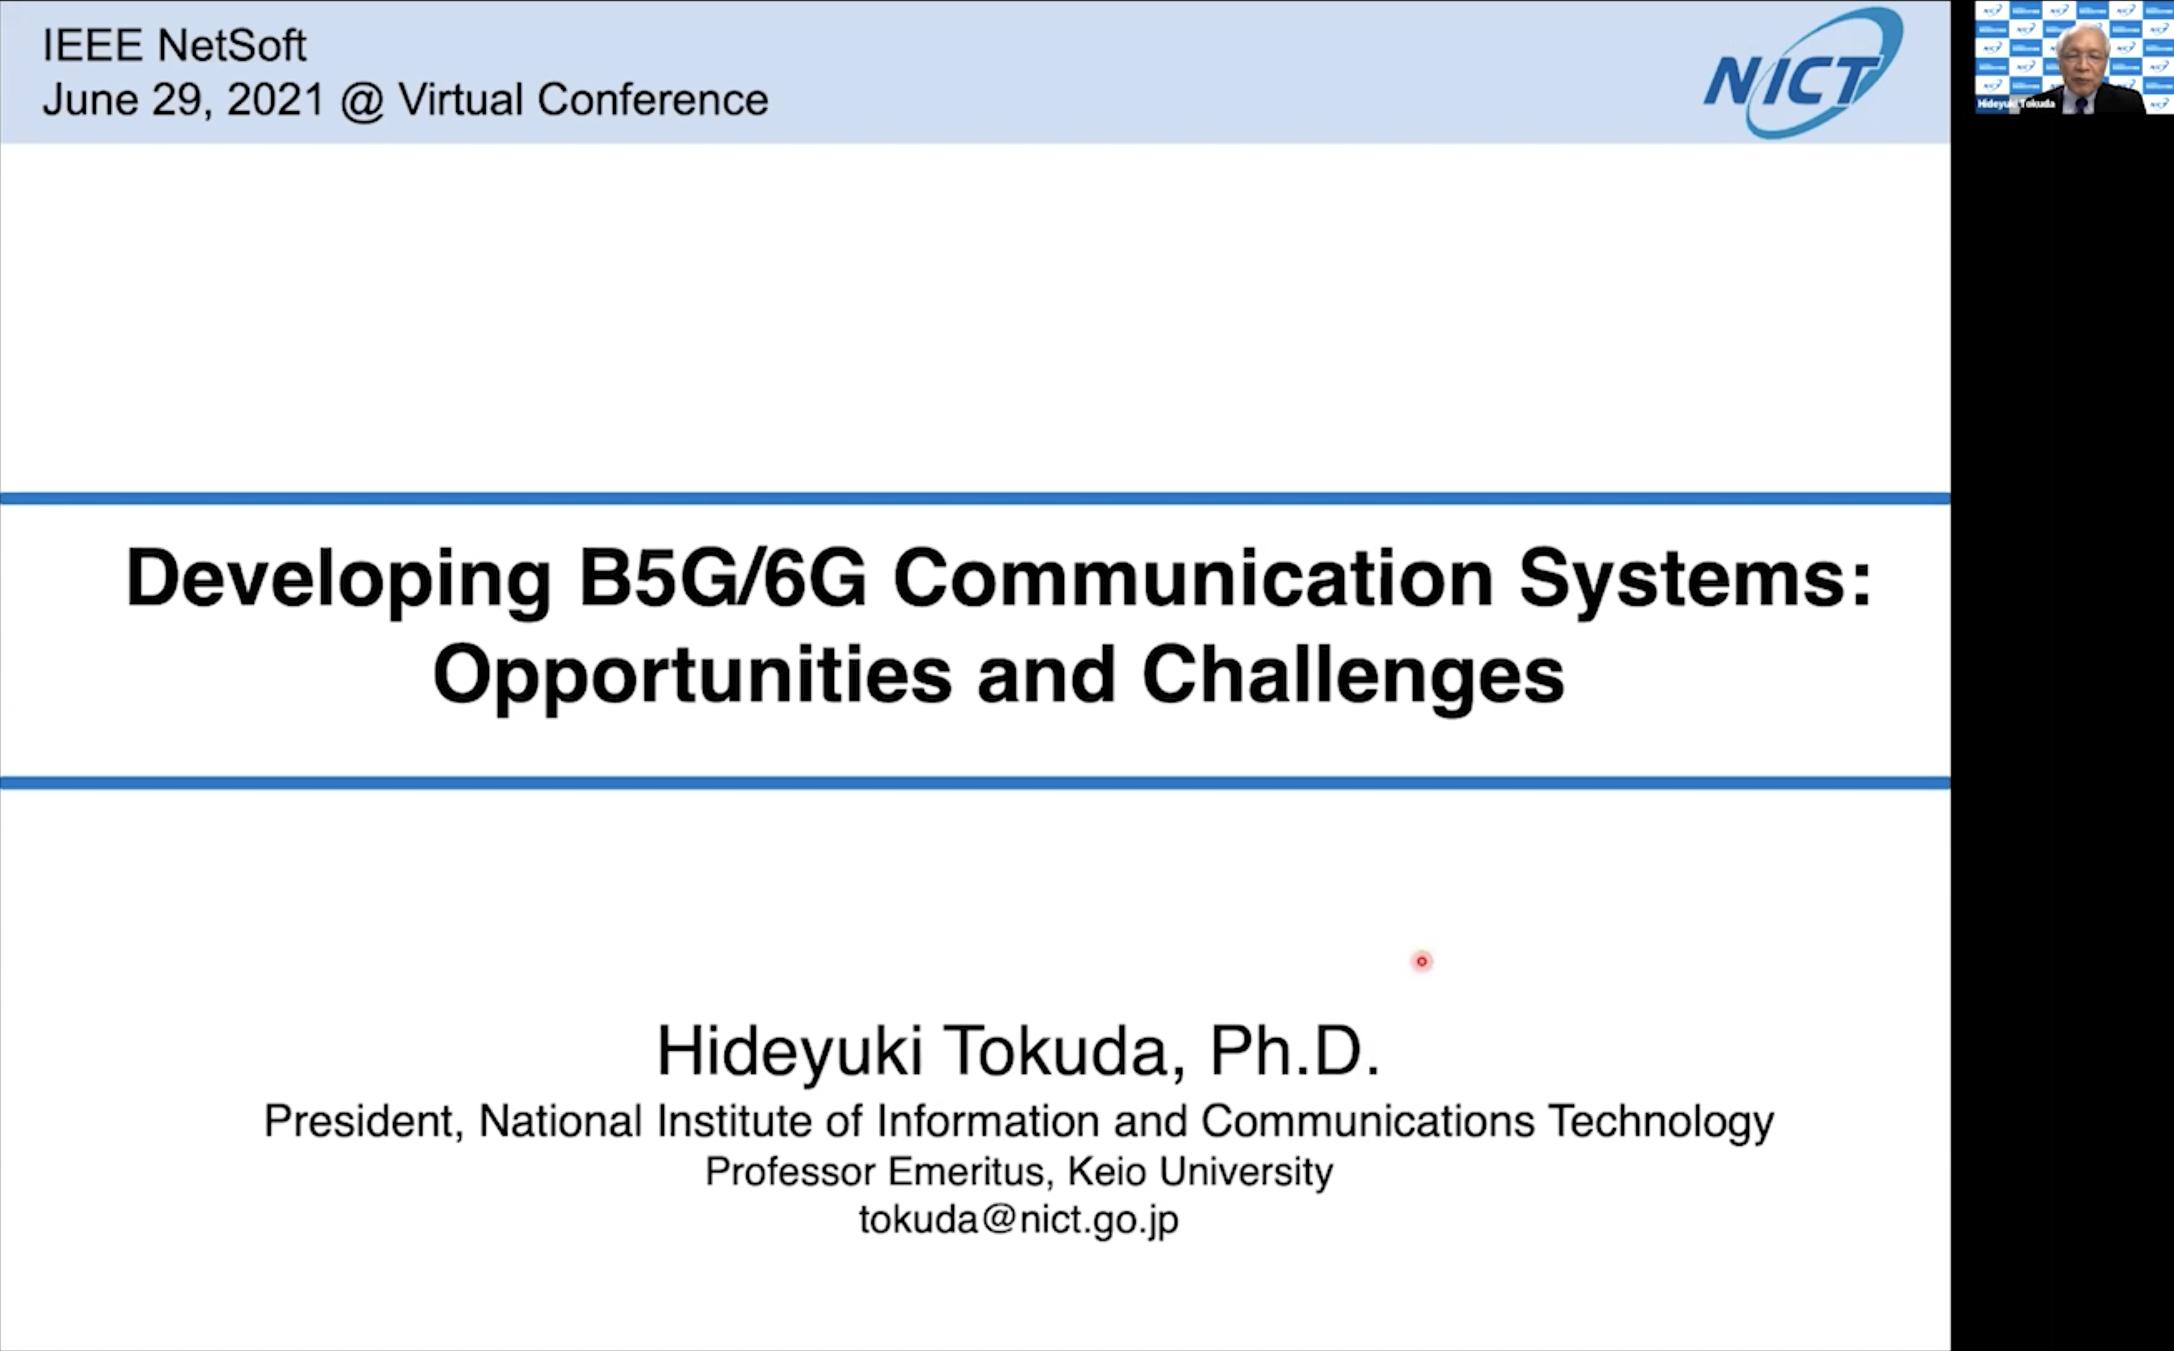 NetSoft 2021 Virtual Conference - Keynote 1